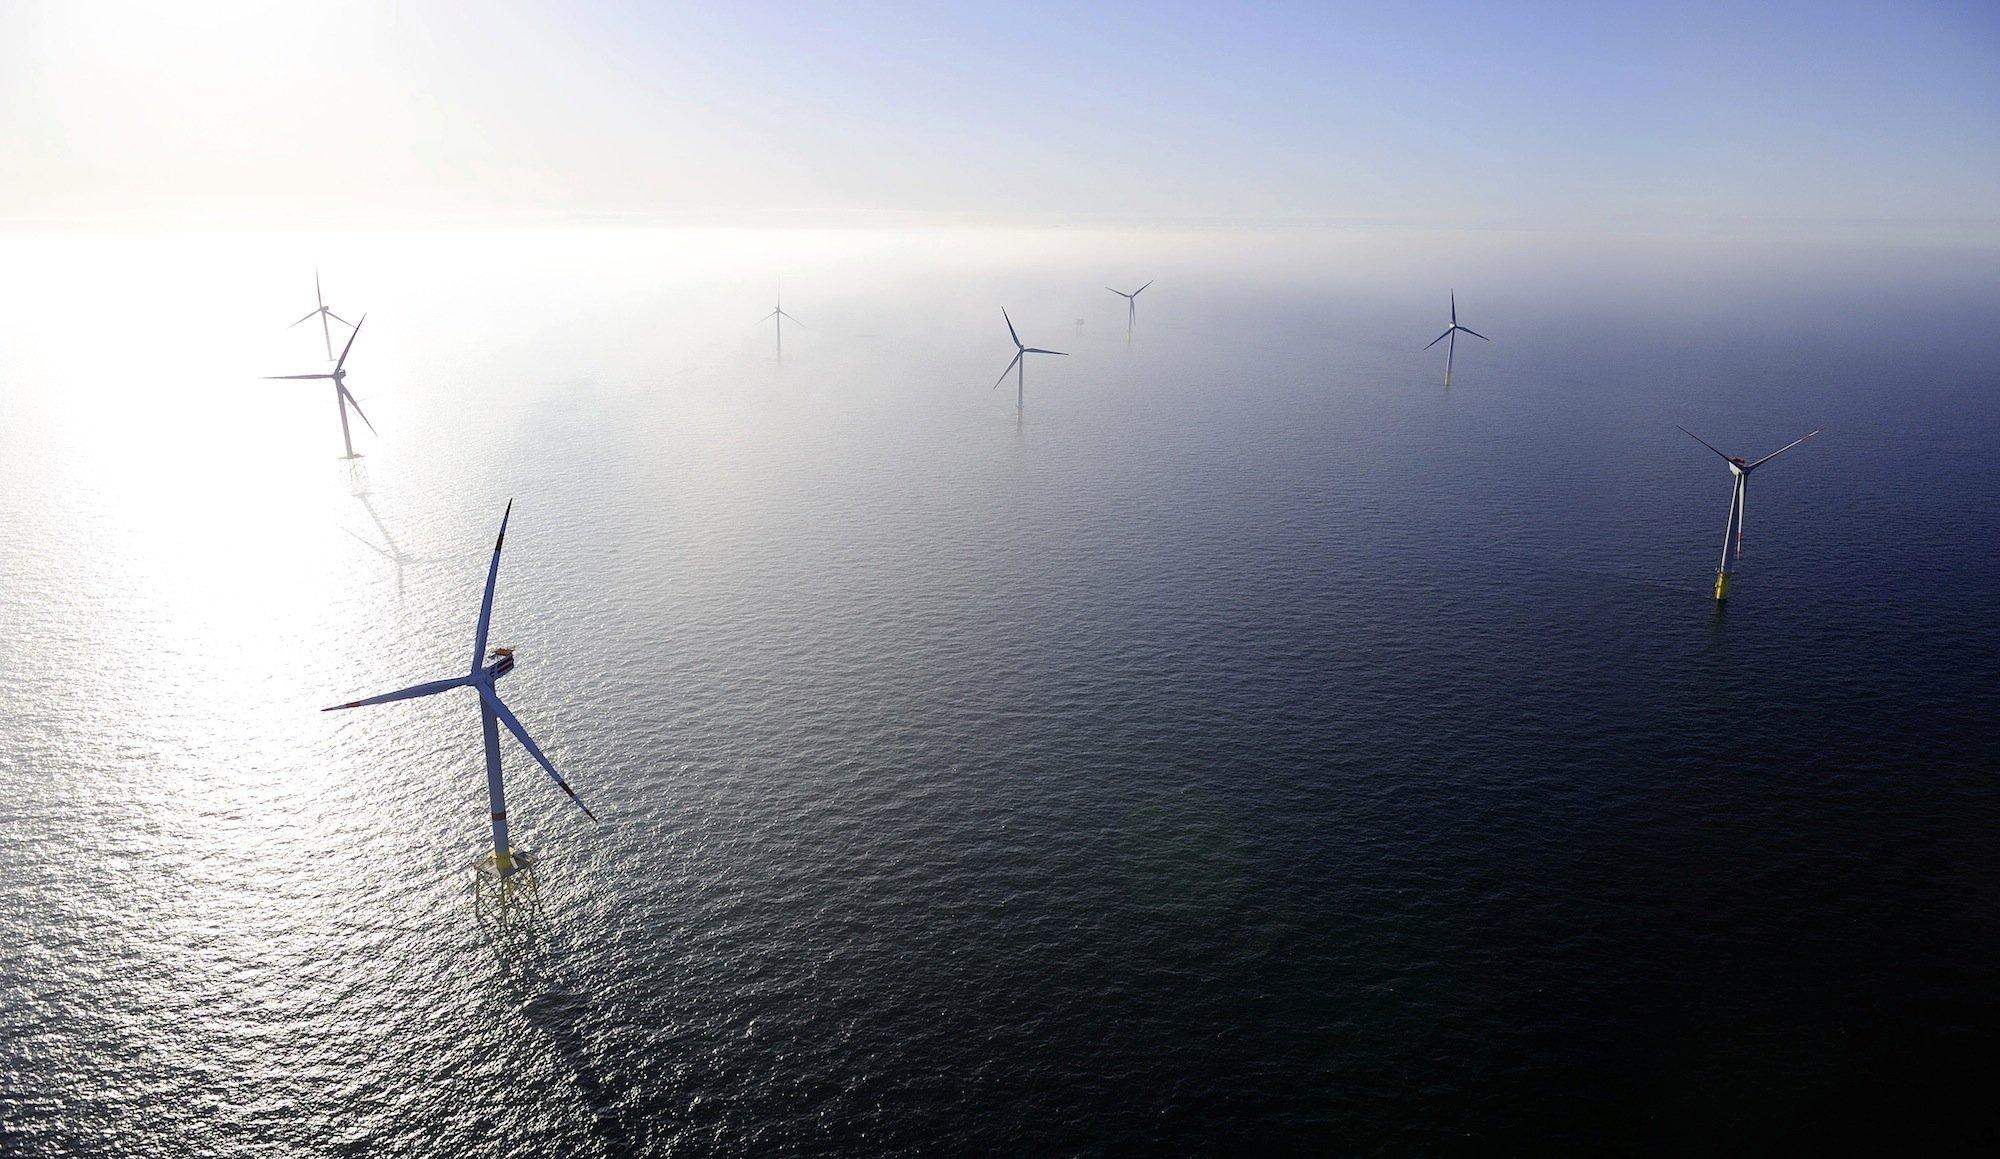 Der Windpark Alpha Ventus vor Borkum: Britische Forscher konnten dokumentieren, dass Robben und Seehunde besonders gerne im Umfeld von Offshore-Windkraftanlagen auf Jagd gehen.